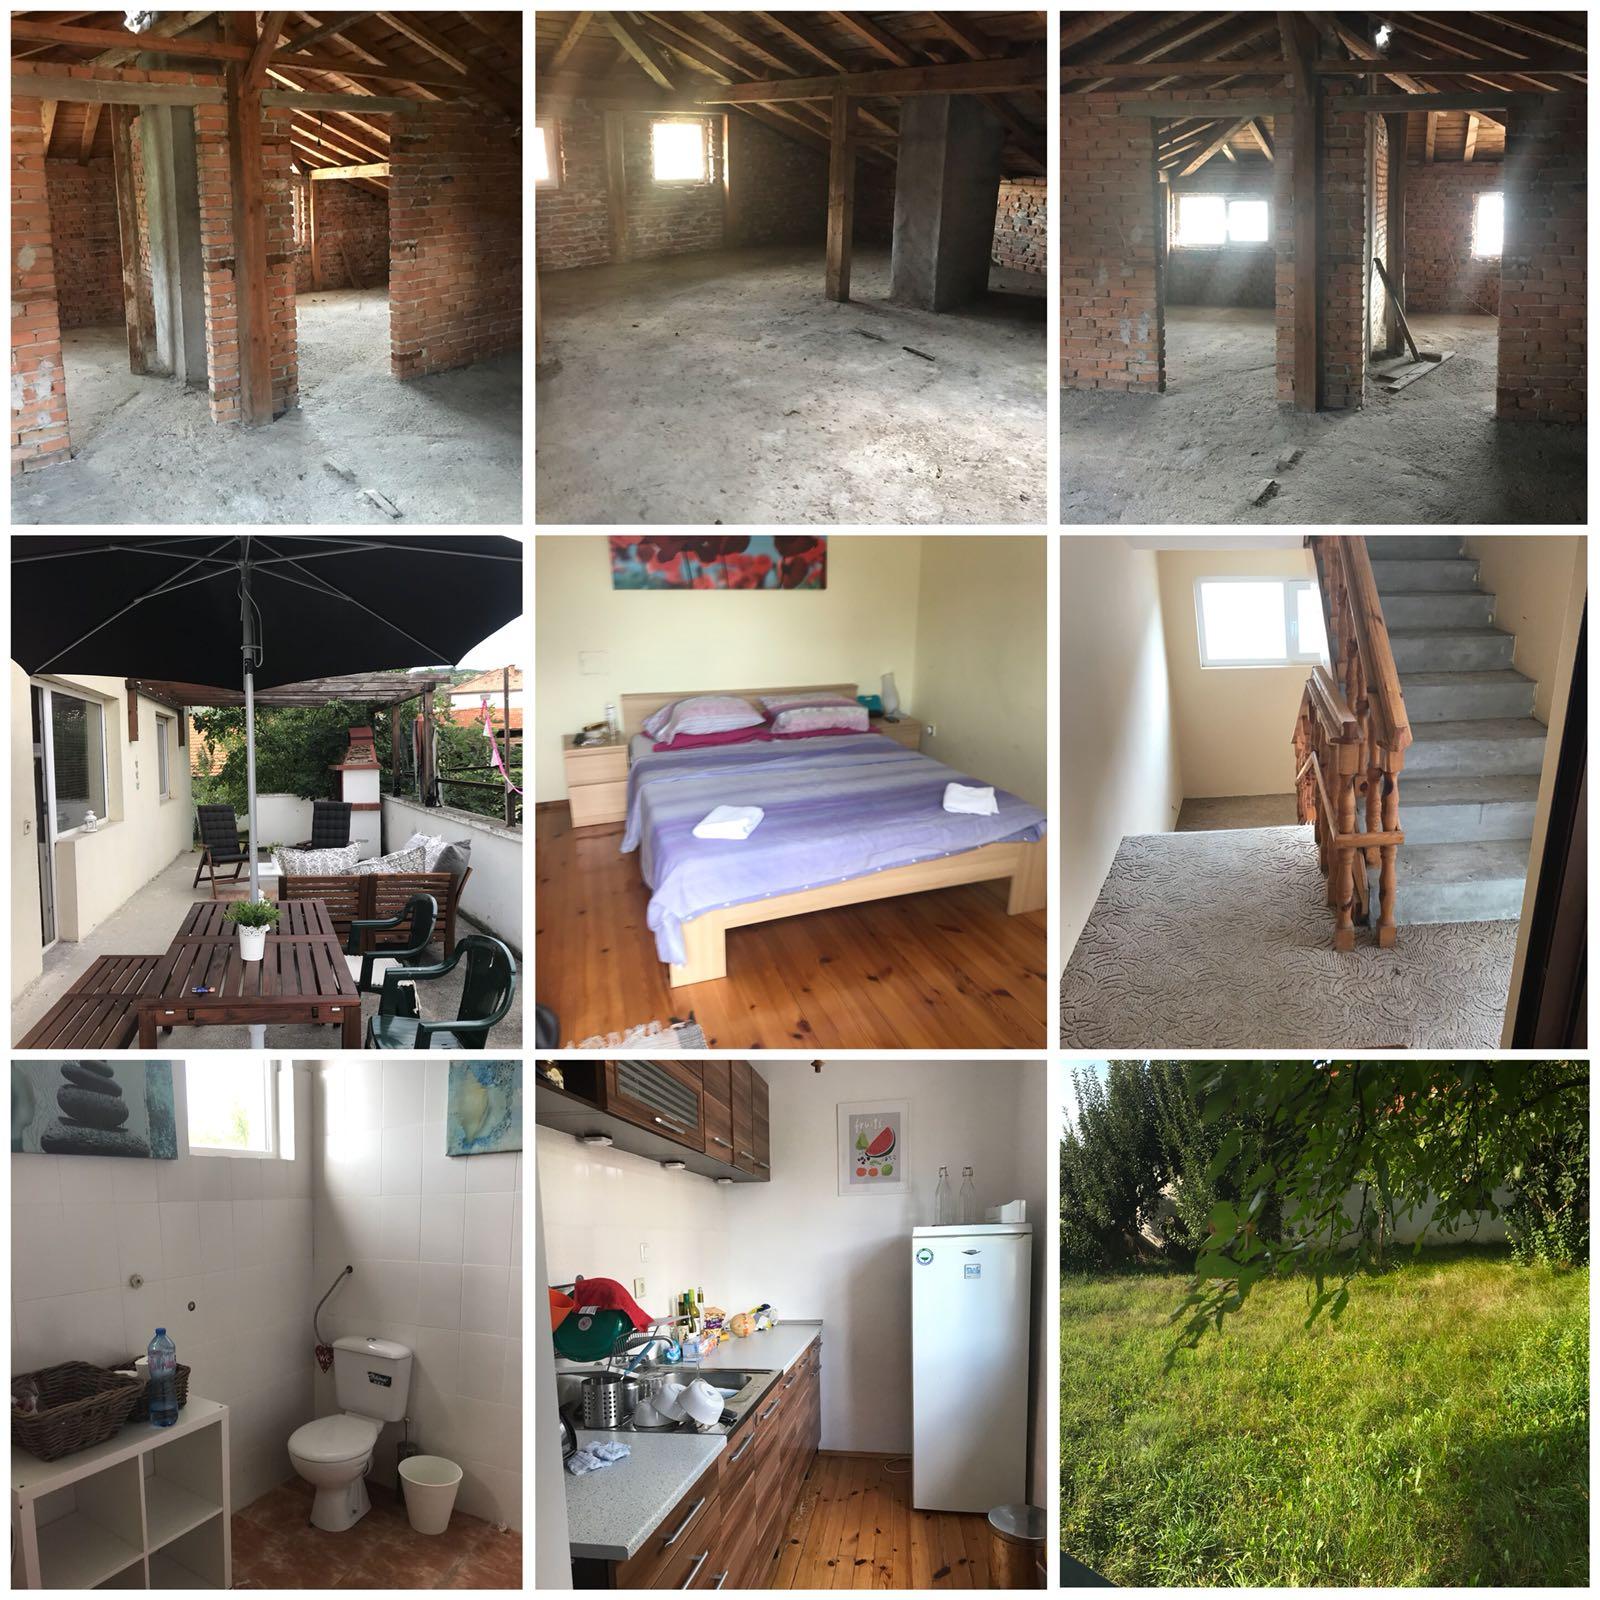 1548974658-sell-property-e777fa27-040e-4f10-bfed-ff01d000ae97.jpeg